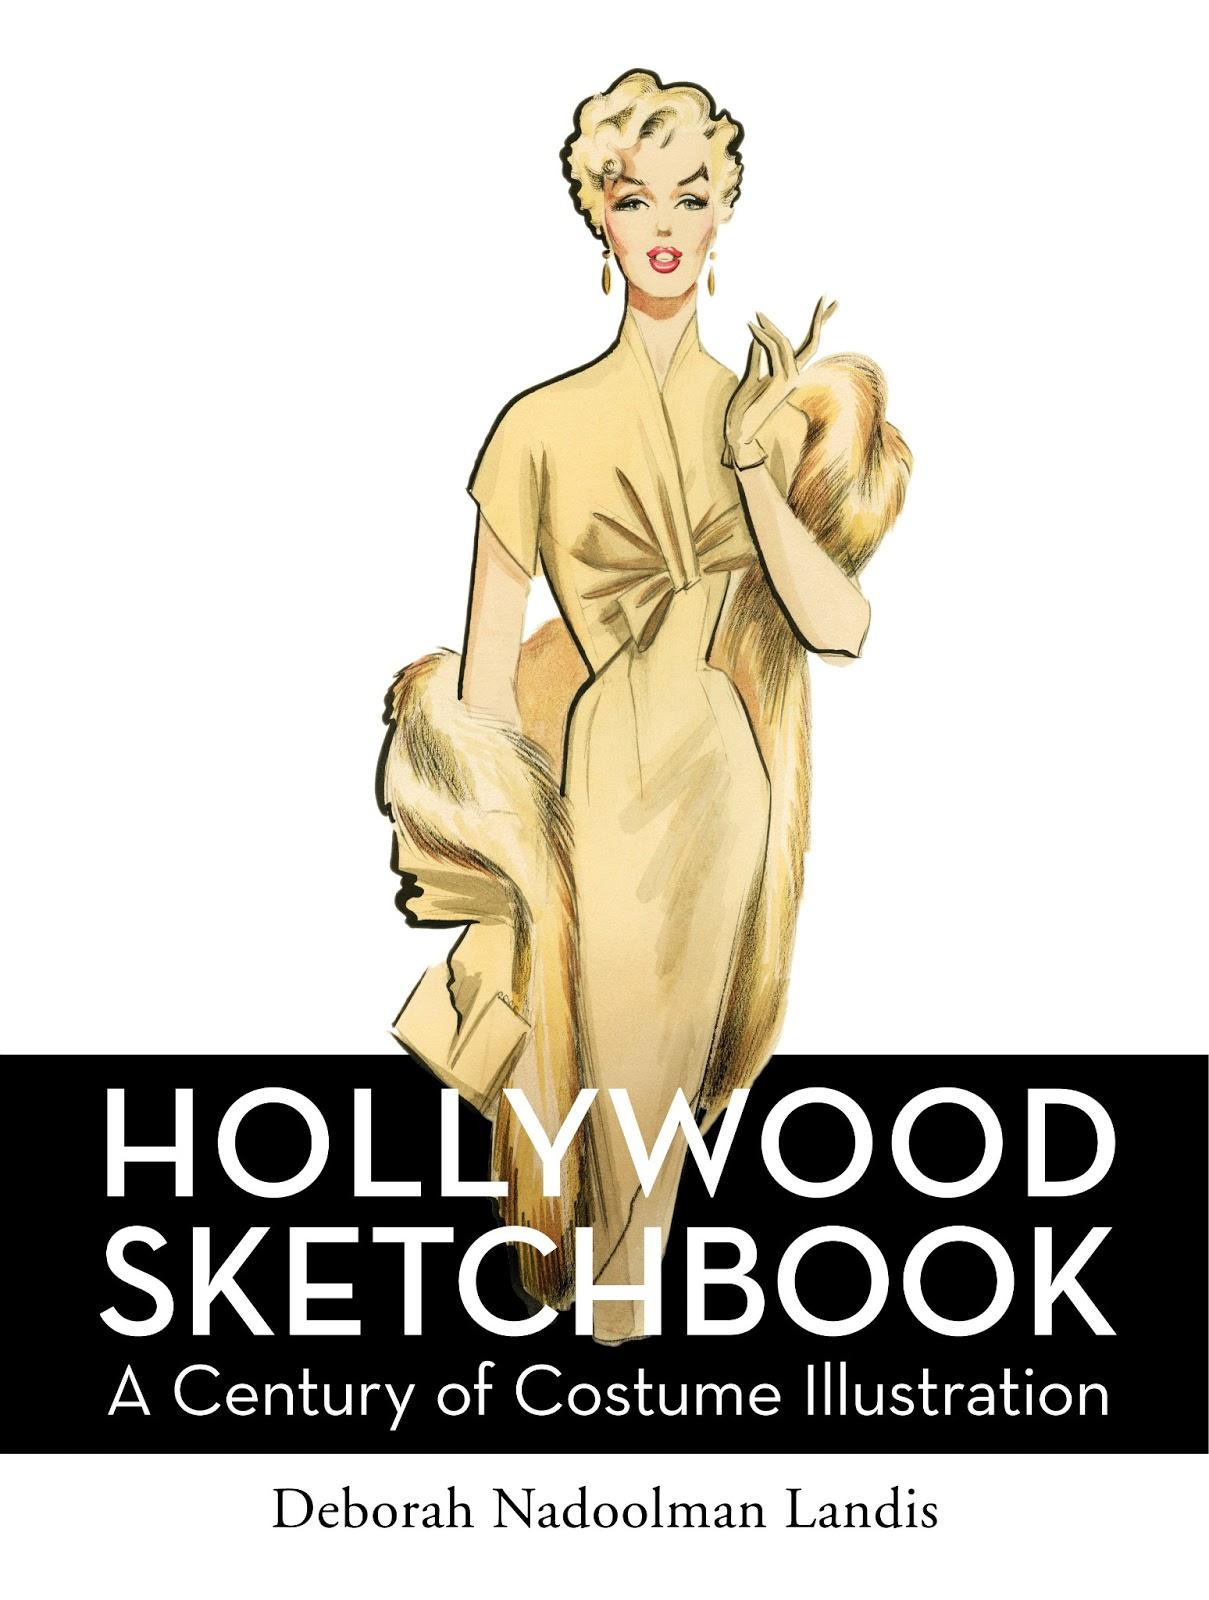 http://2.bp.blogspot.com/-D9LxTHeJ8ug/US9MHsNIU1I/AAAAAAAAGZw/YTR9-sgnG0E/s1600/HollywoodSketchbook+hc+c.jpg